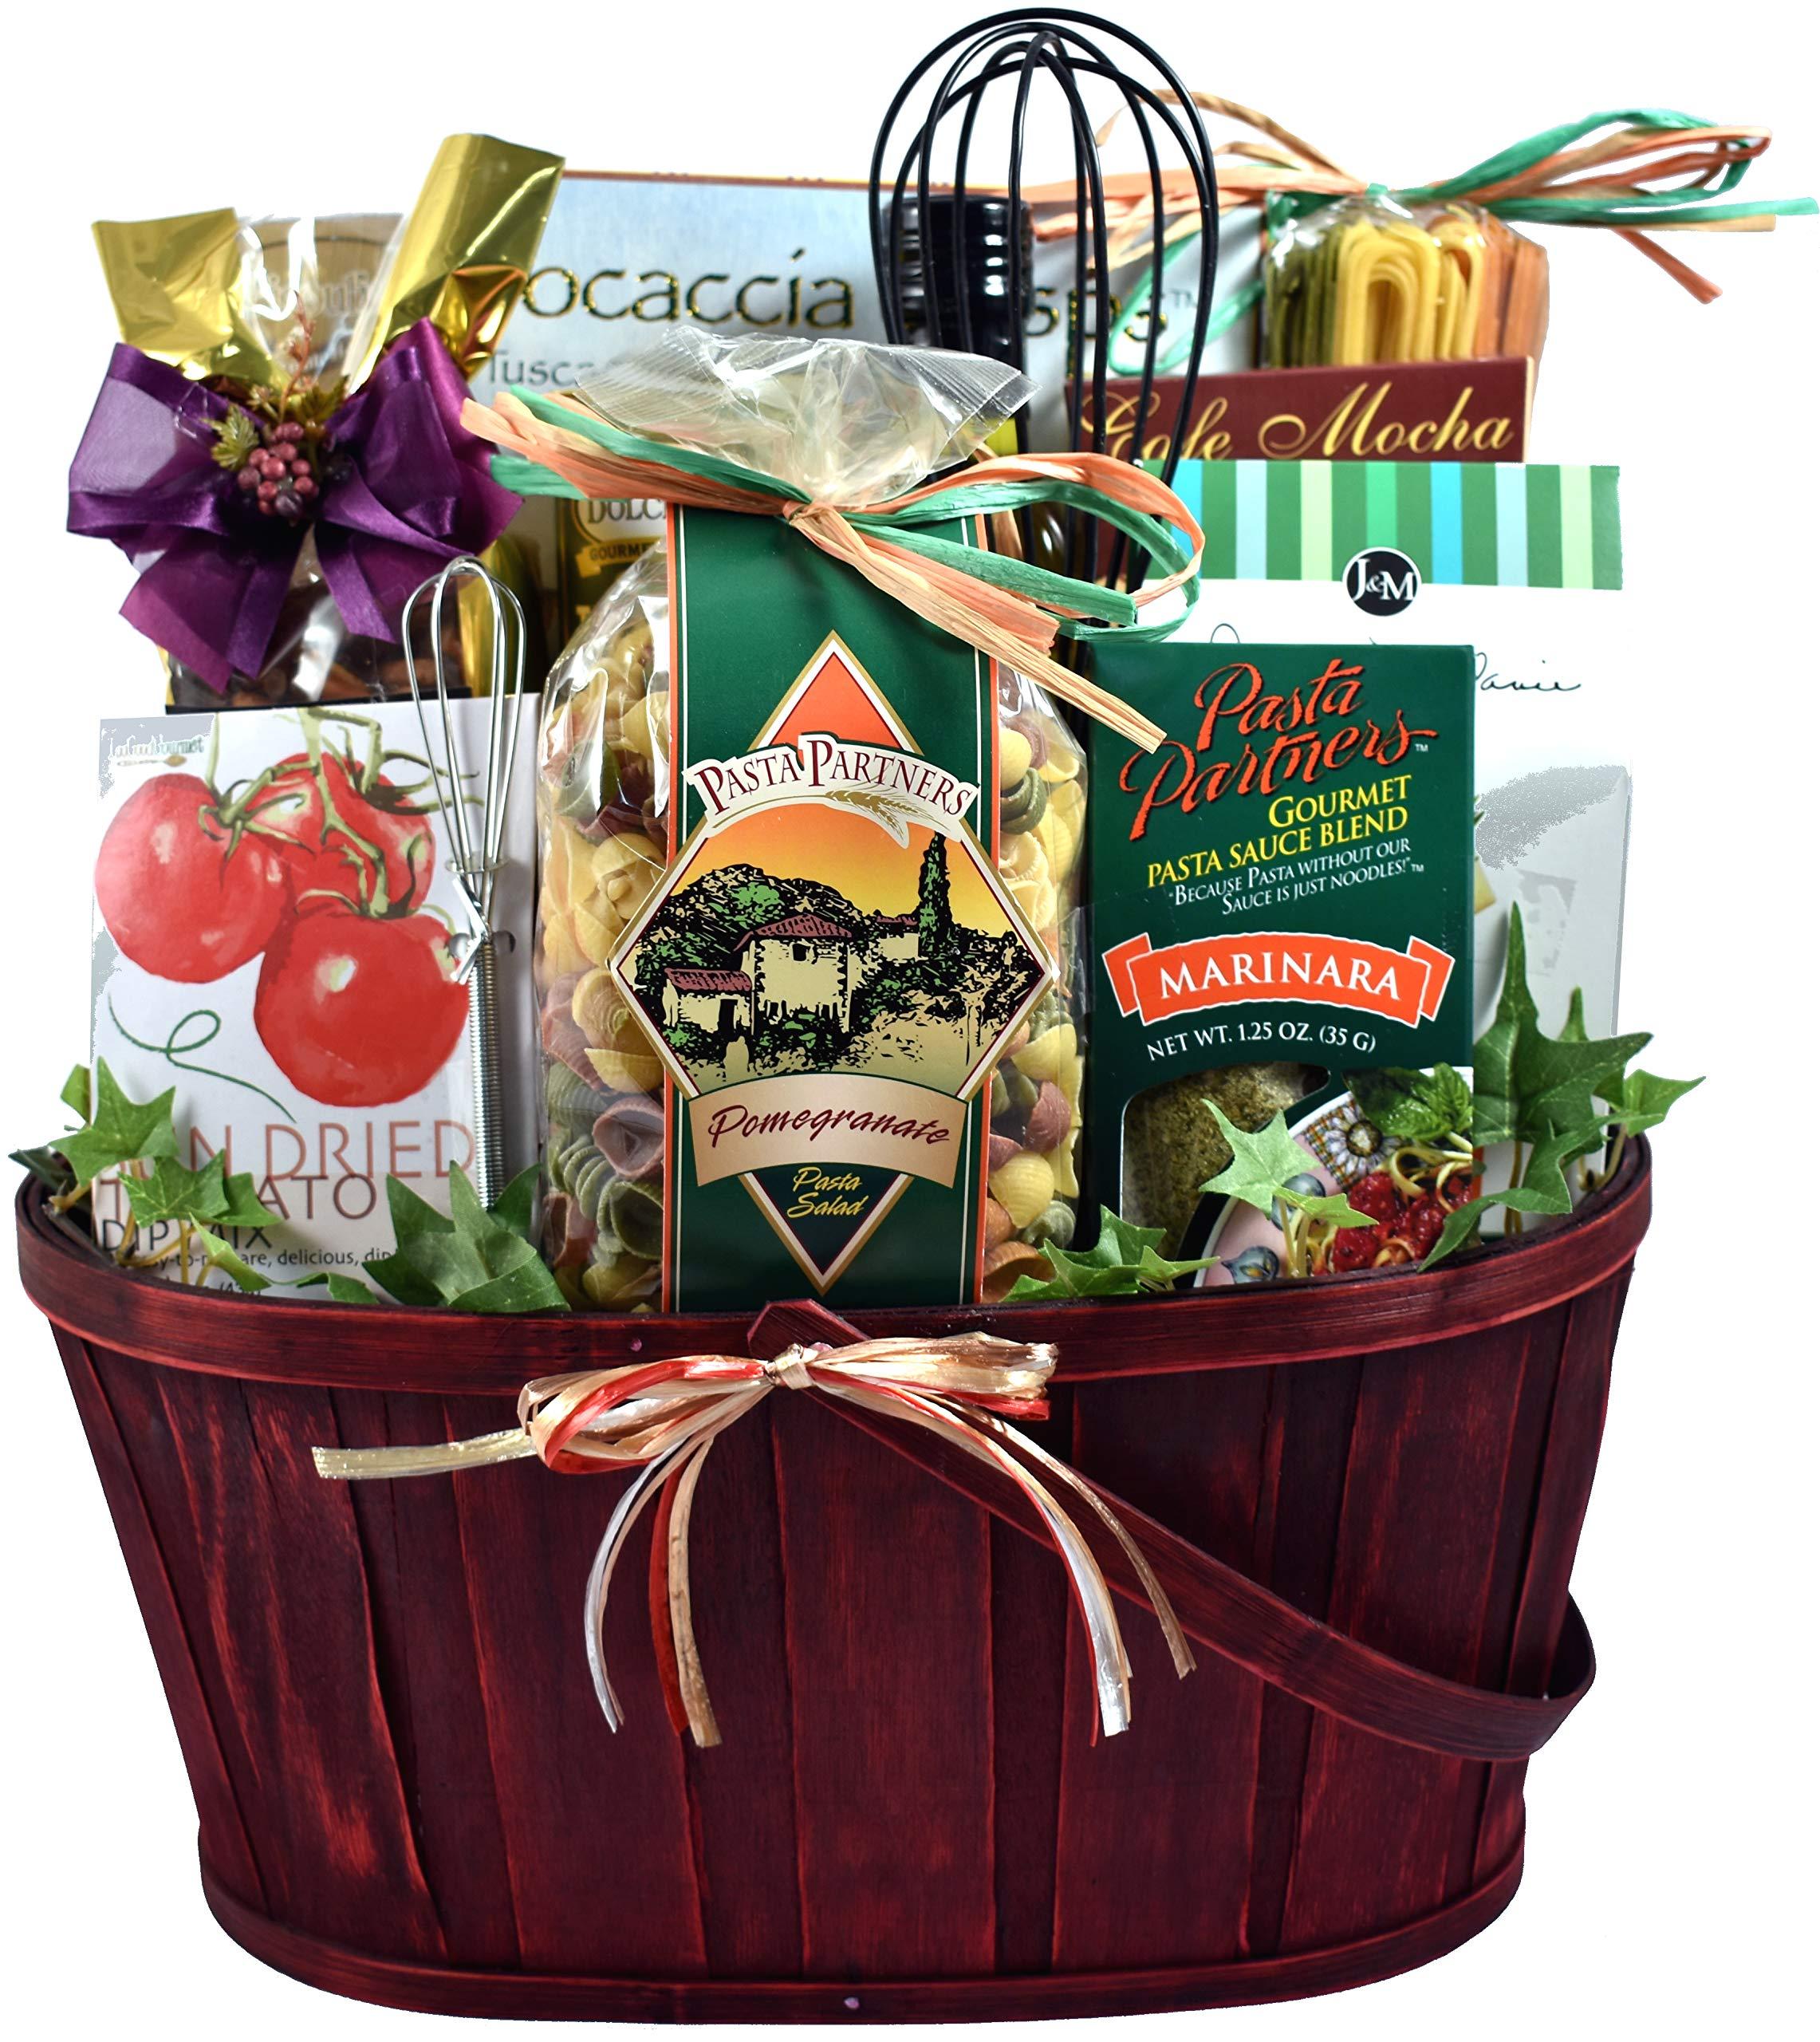 Italian Themed Dinner Gift Basket For Two - With Italian Pasta Salad, Handmade Tomato Basil Linguini, Snacks & Italian Dessert (7 lb)